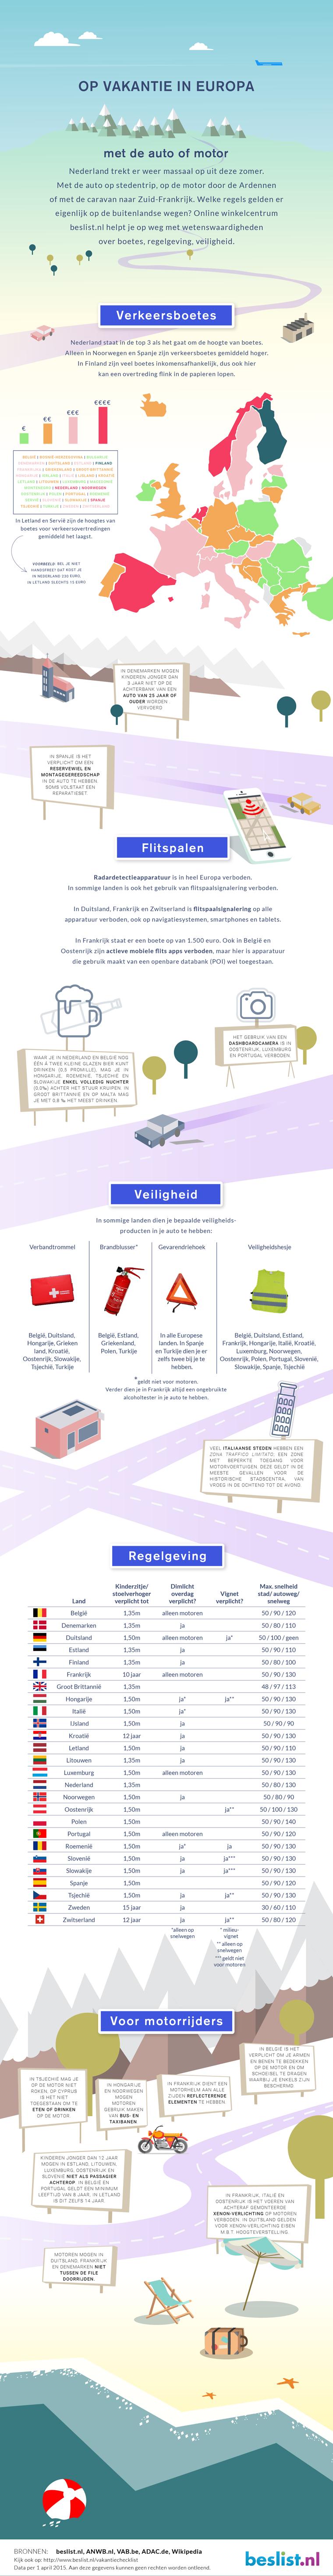 Infographic: Verkeersregels in Europa